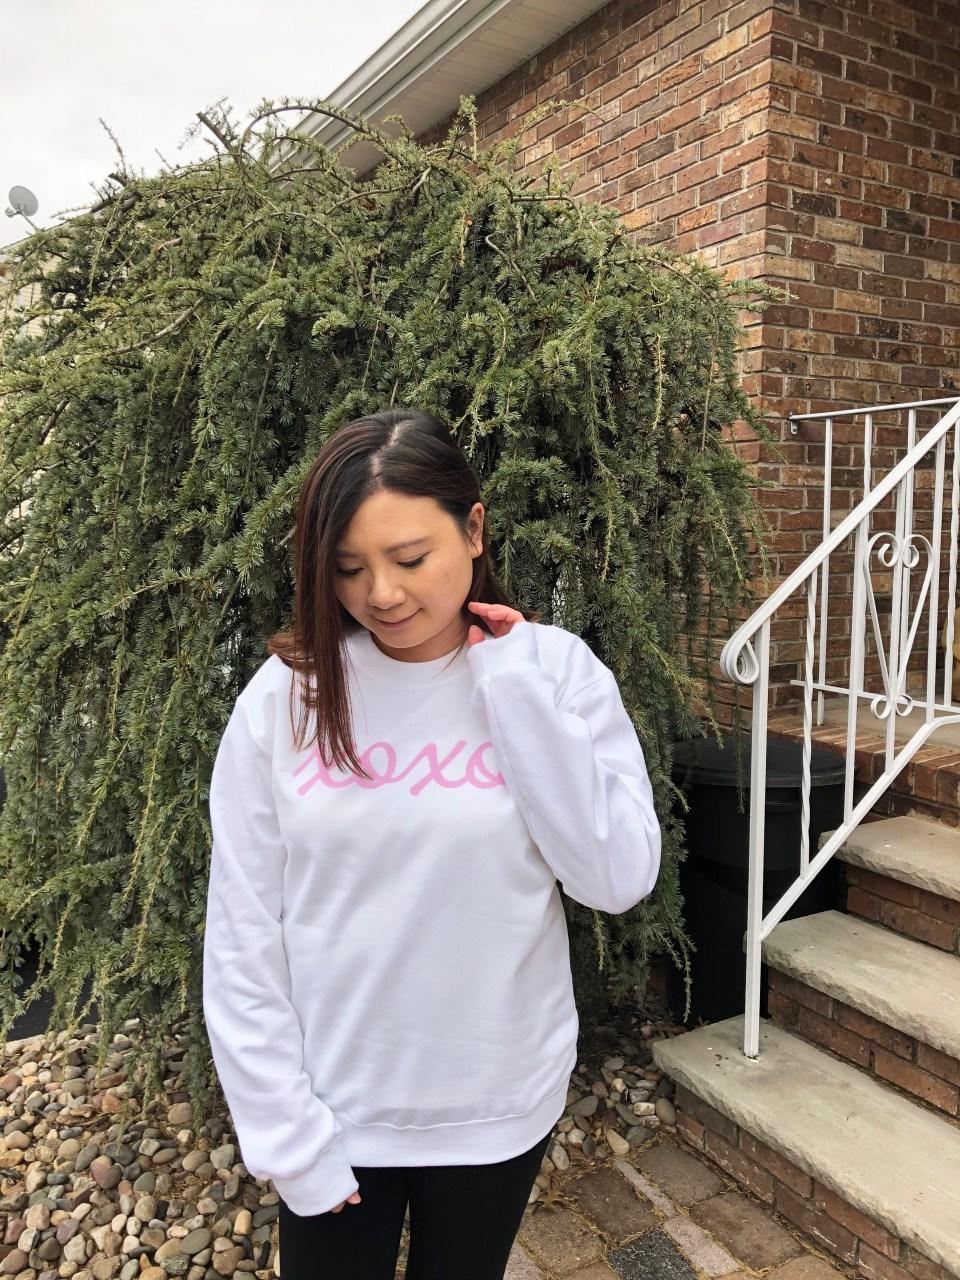 xoxo sweatshirt 4